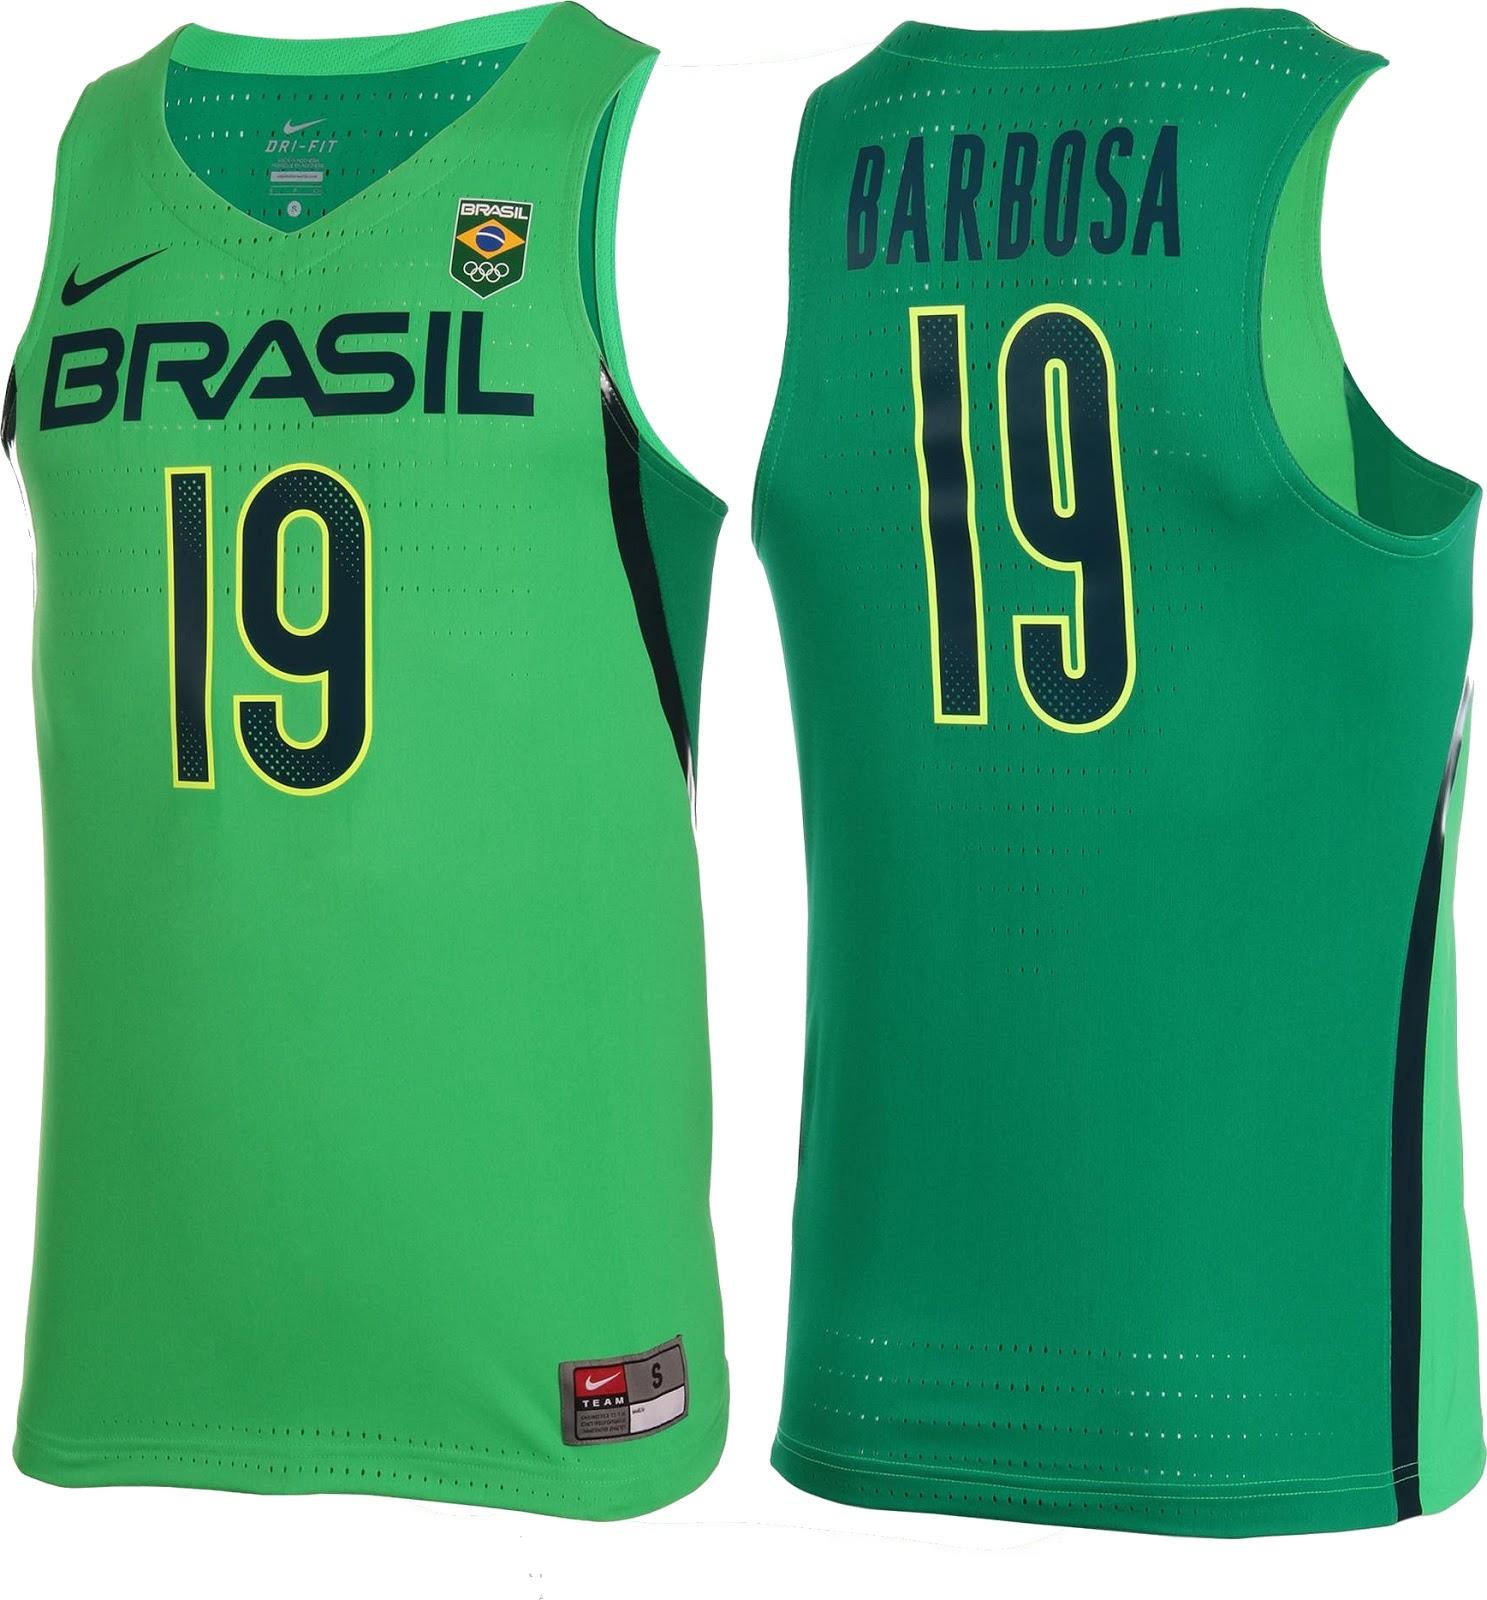 7d3e090659 Nike lança uniformes de basquete do Brasil para Rio 2016 - Show de ...